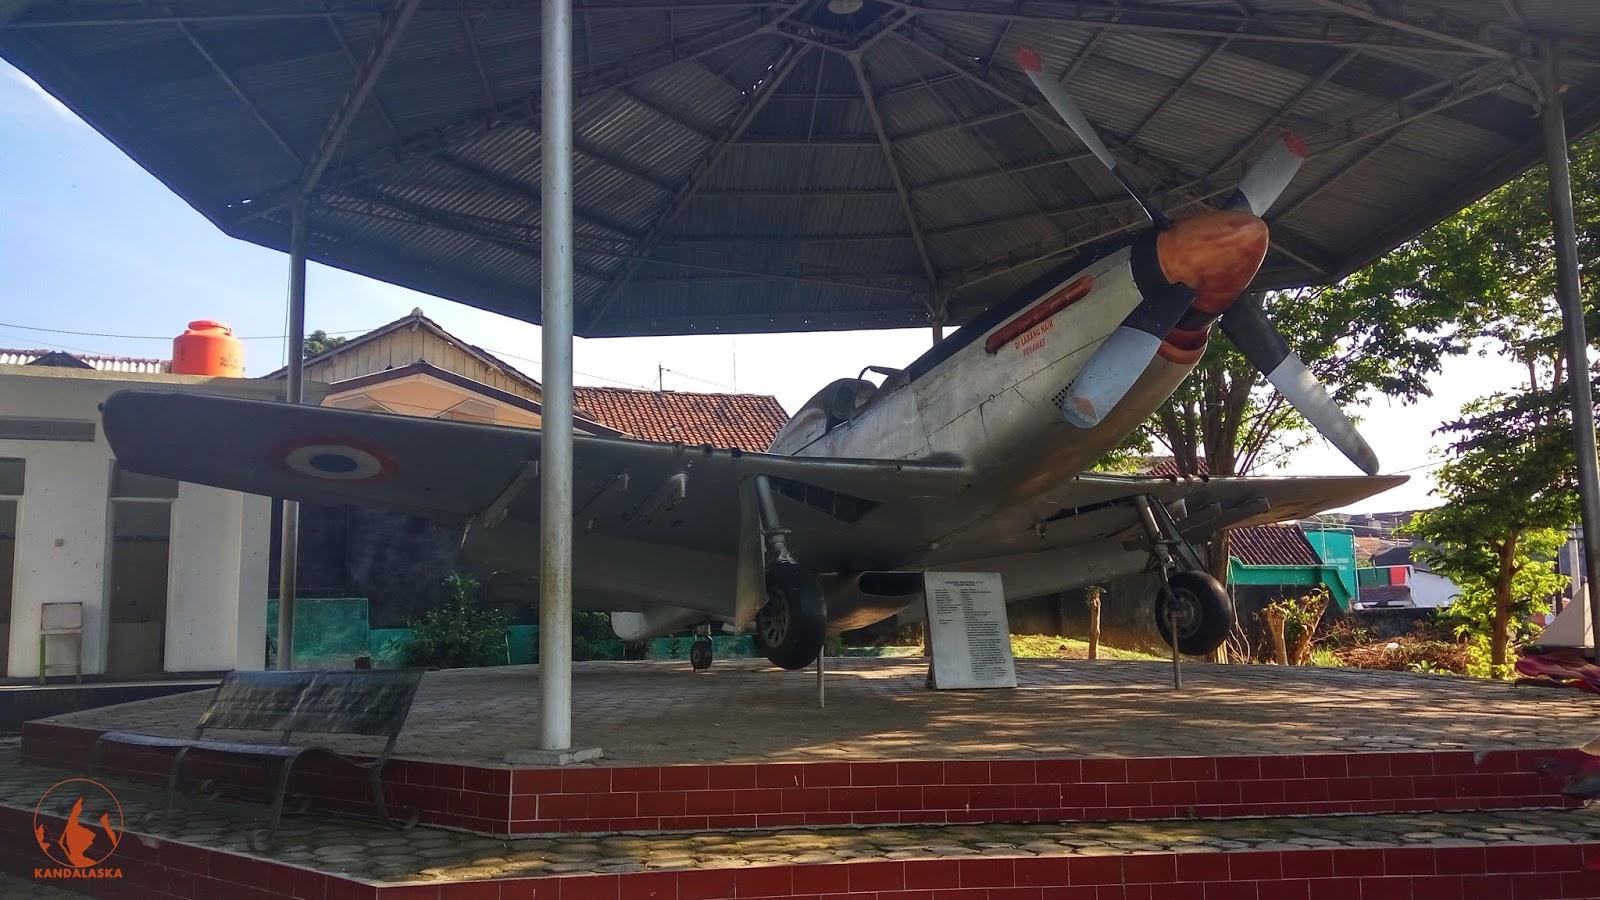 Monumen Palagan Ambarawa Kandalaska Saai Menjadi Tempat Wisata Belajar Mengenai